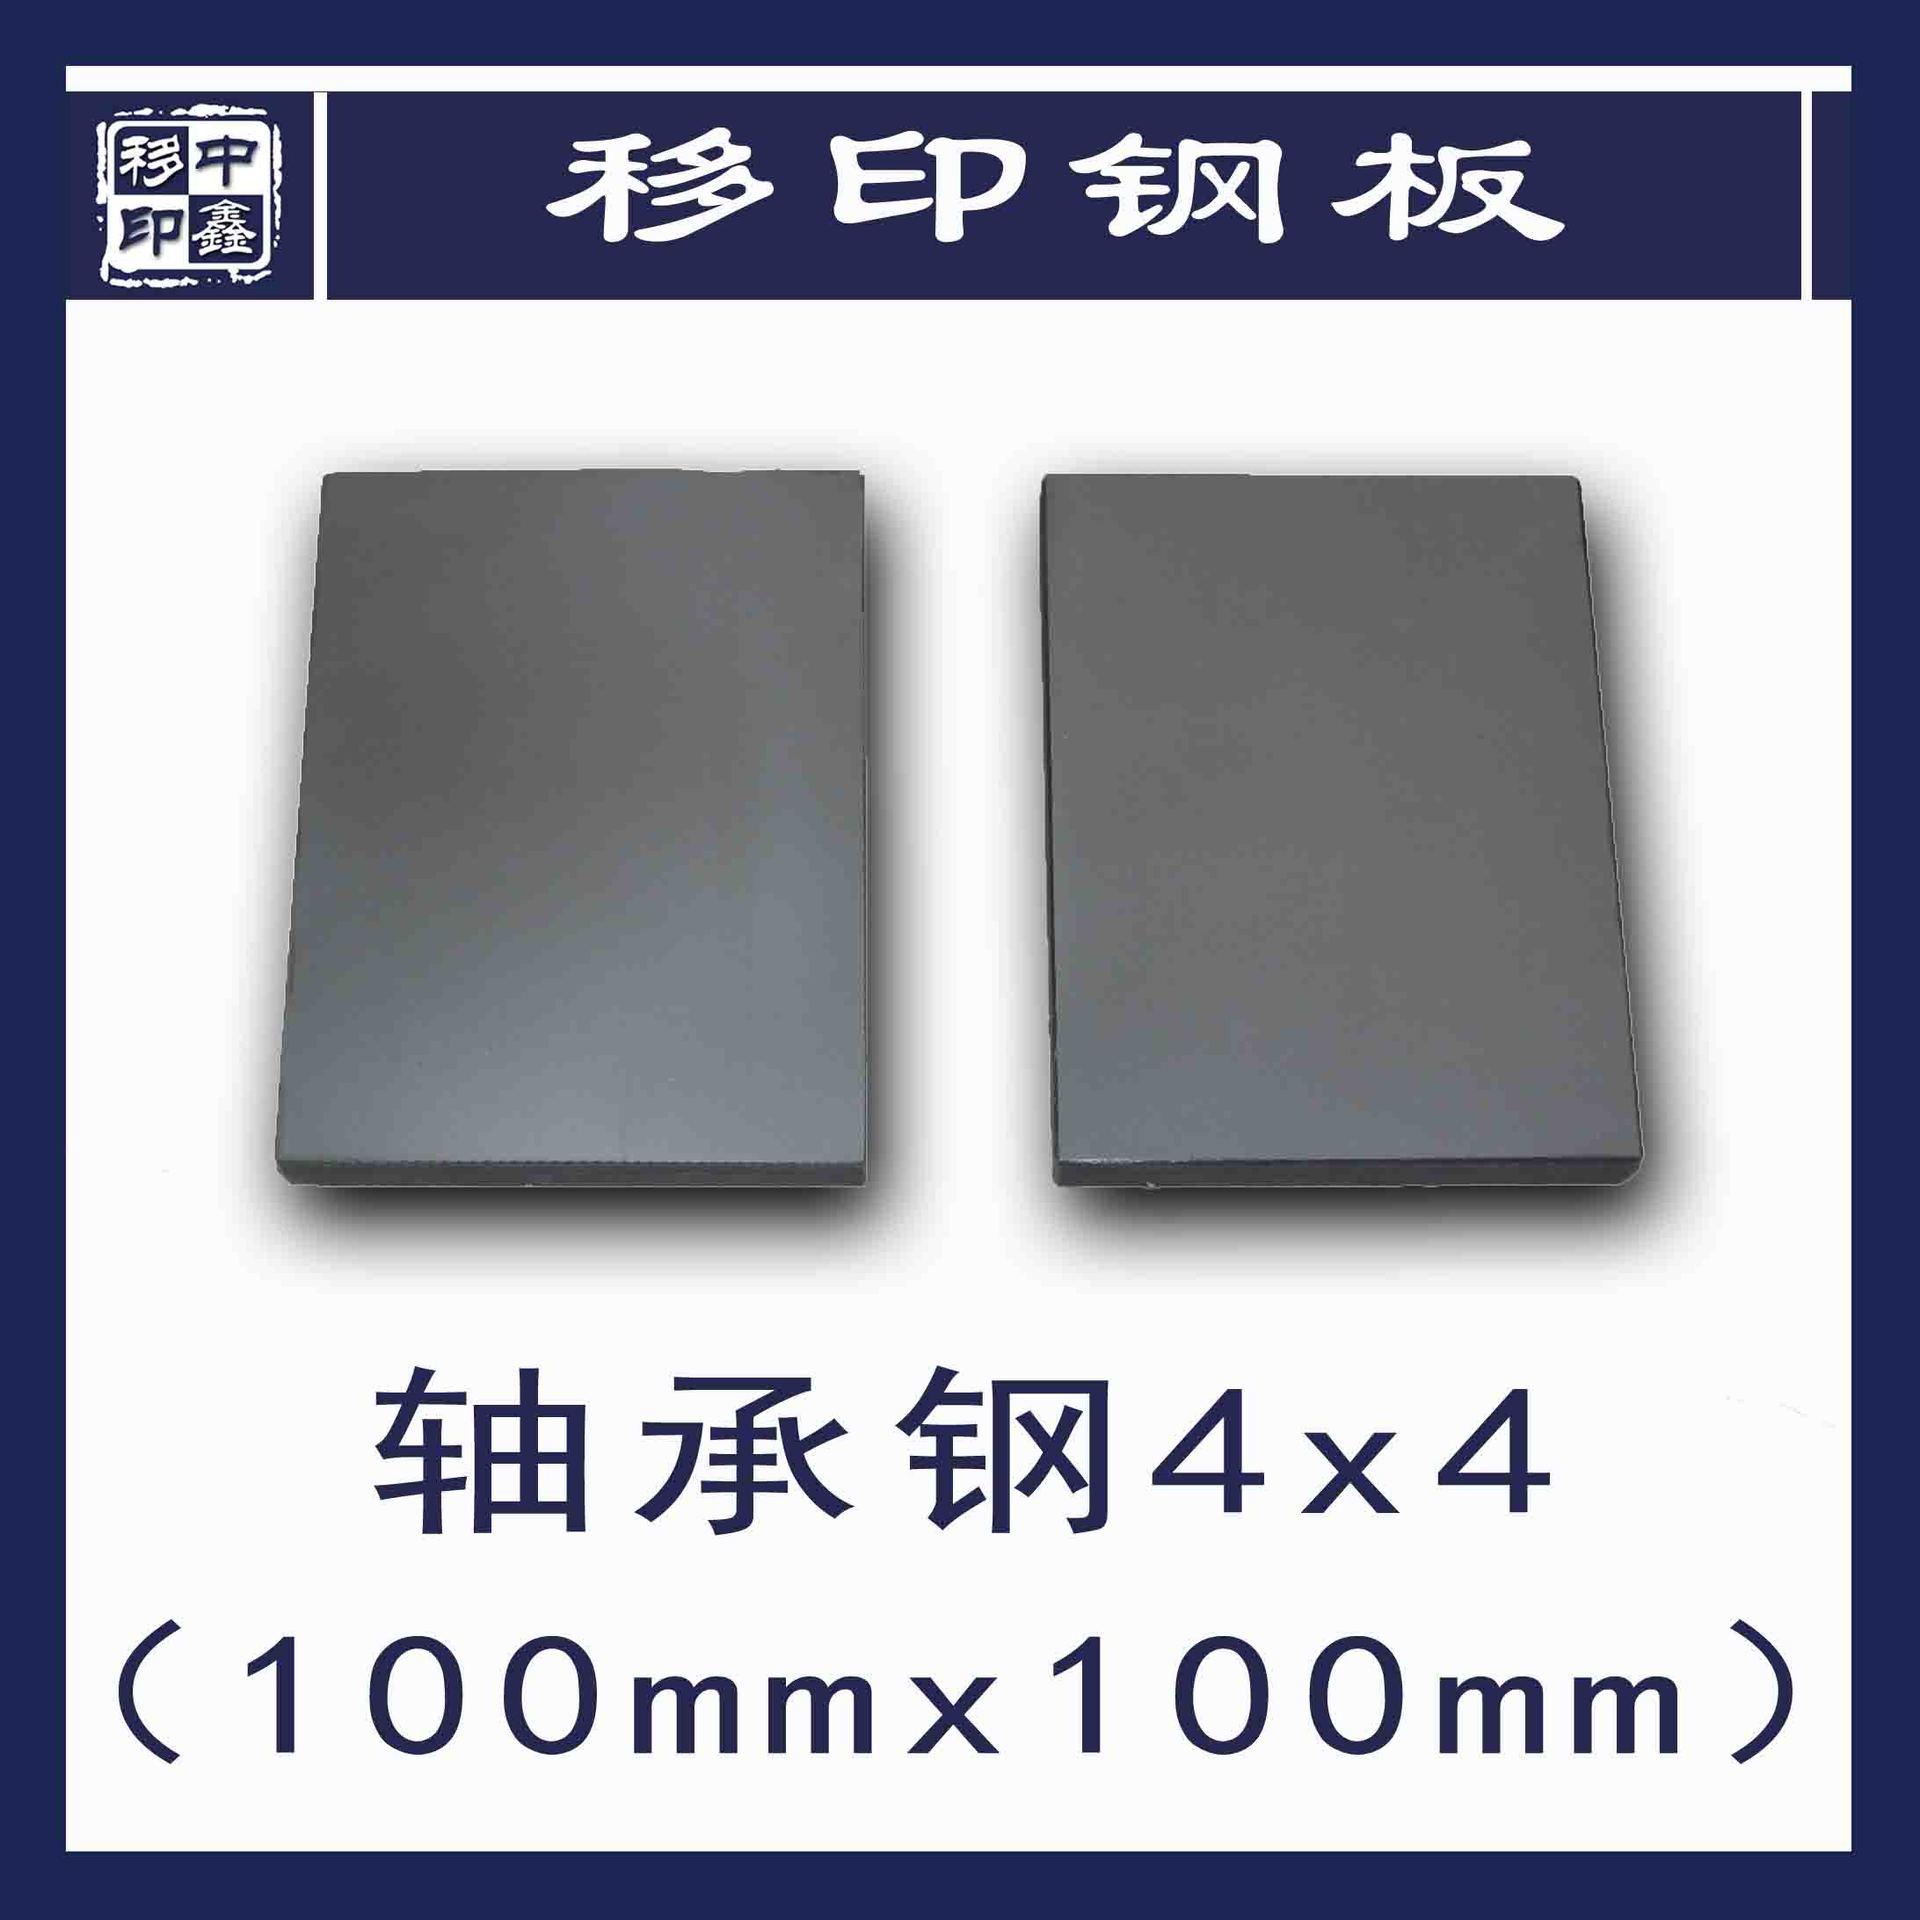 移印钢板移印机钢板优质移印钢板批发---轴承钢4x4(100mmx100mm)